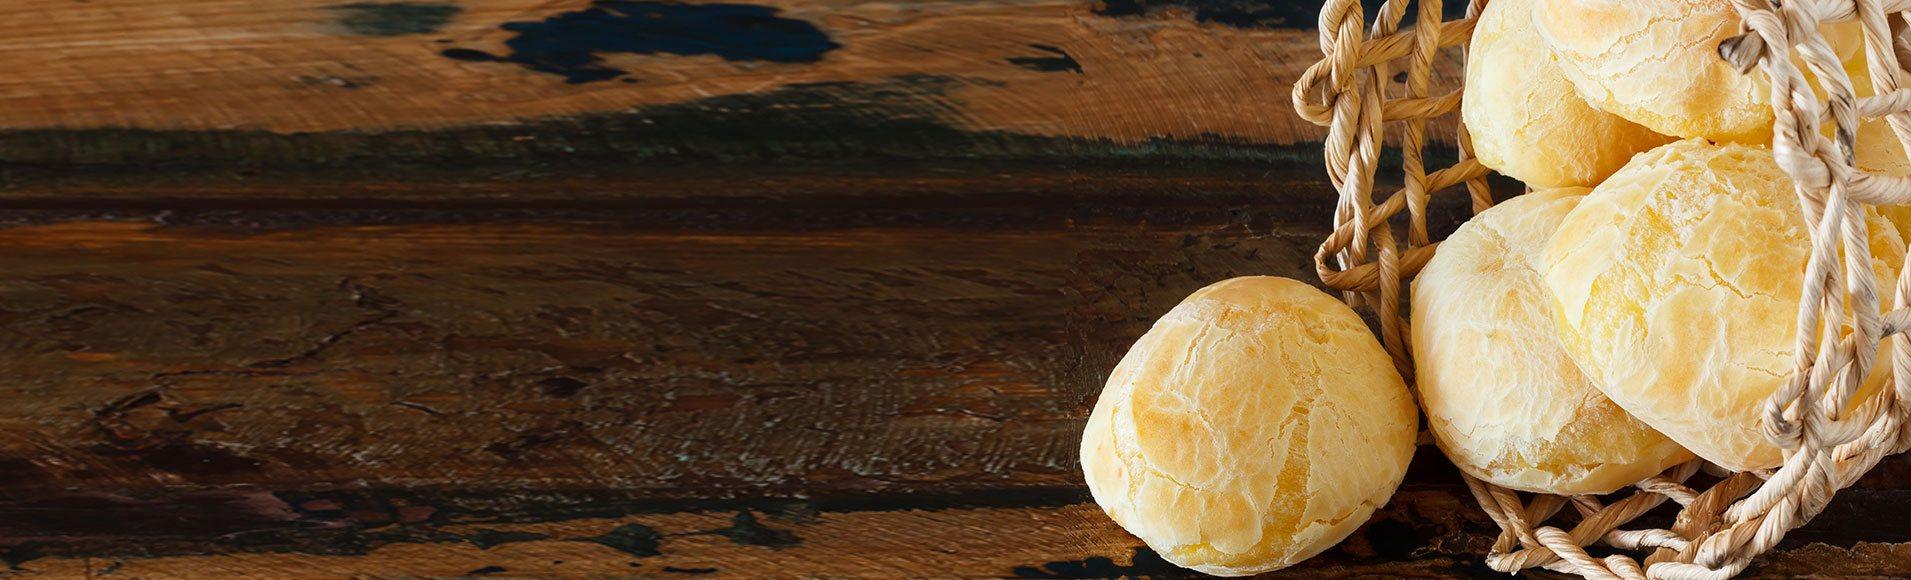 pao-de-queijo-panggioso